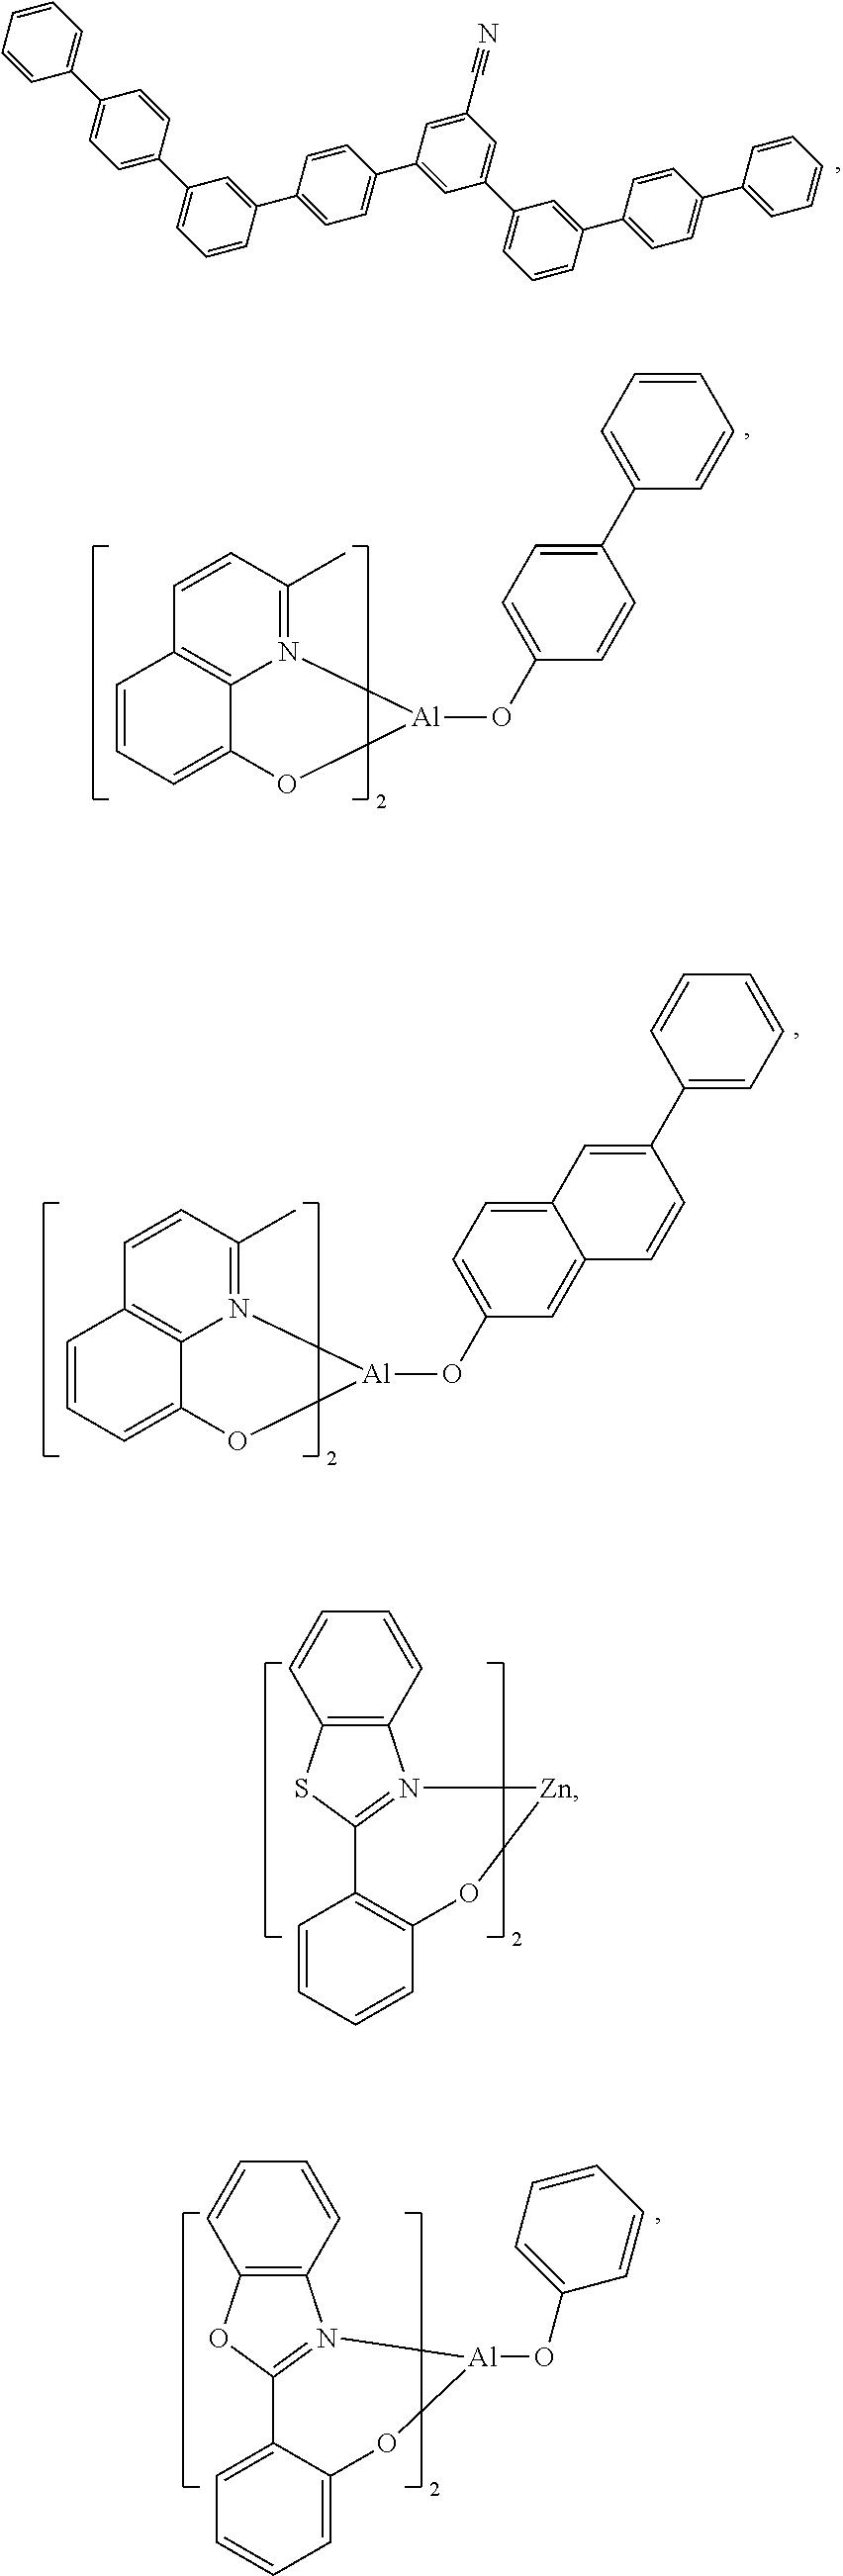 Figure US20190161504A1-20190530-C00058